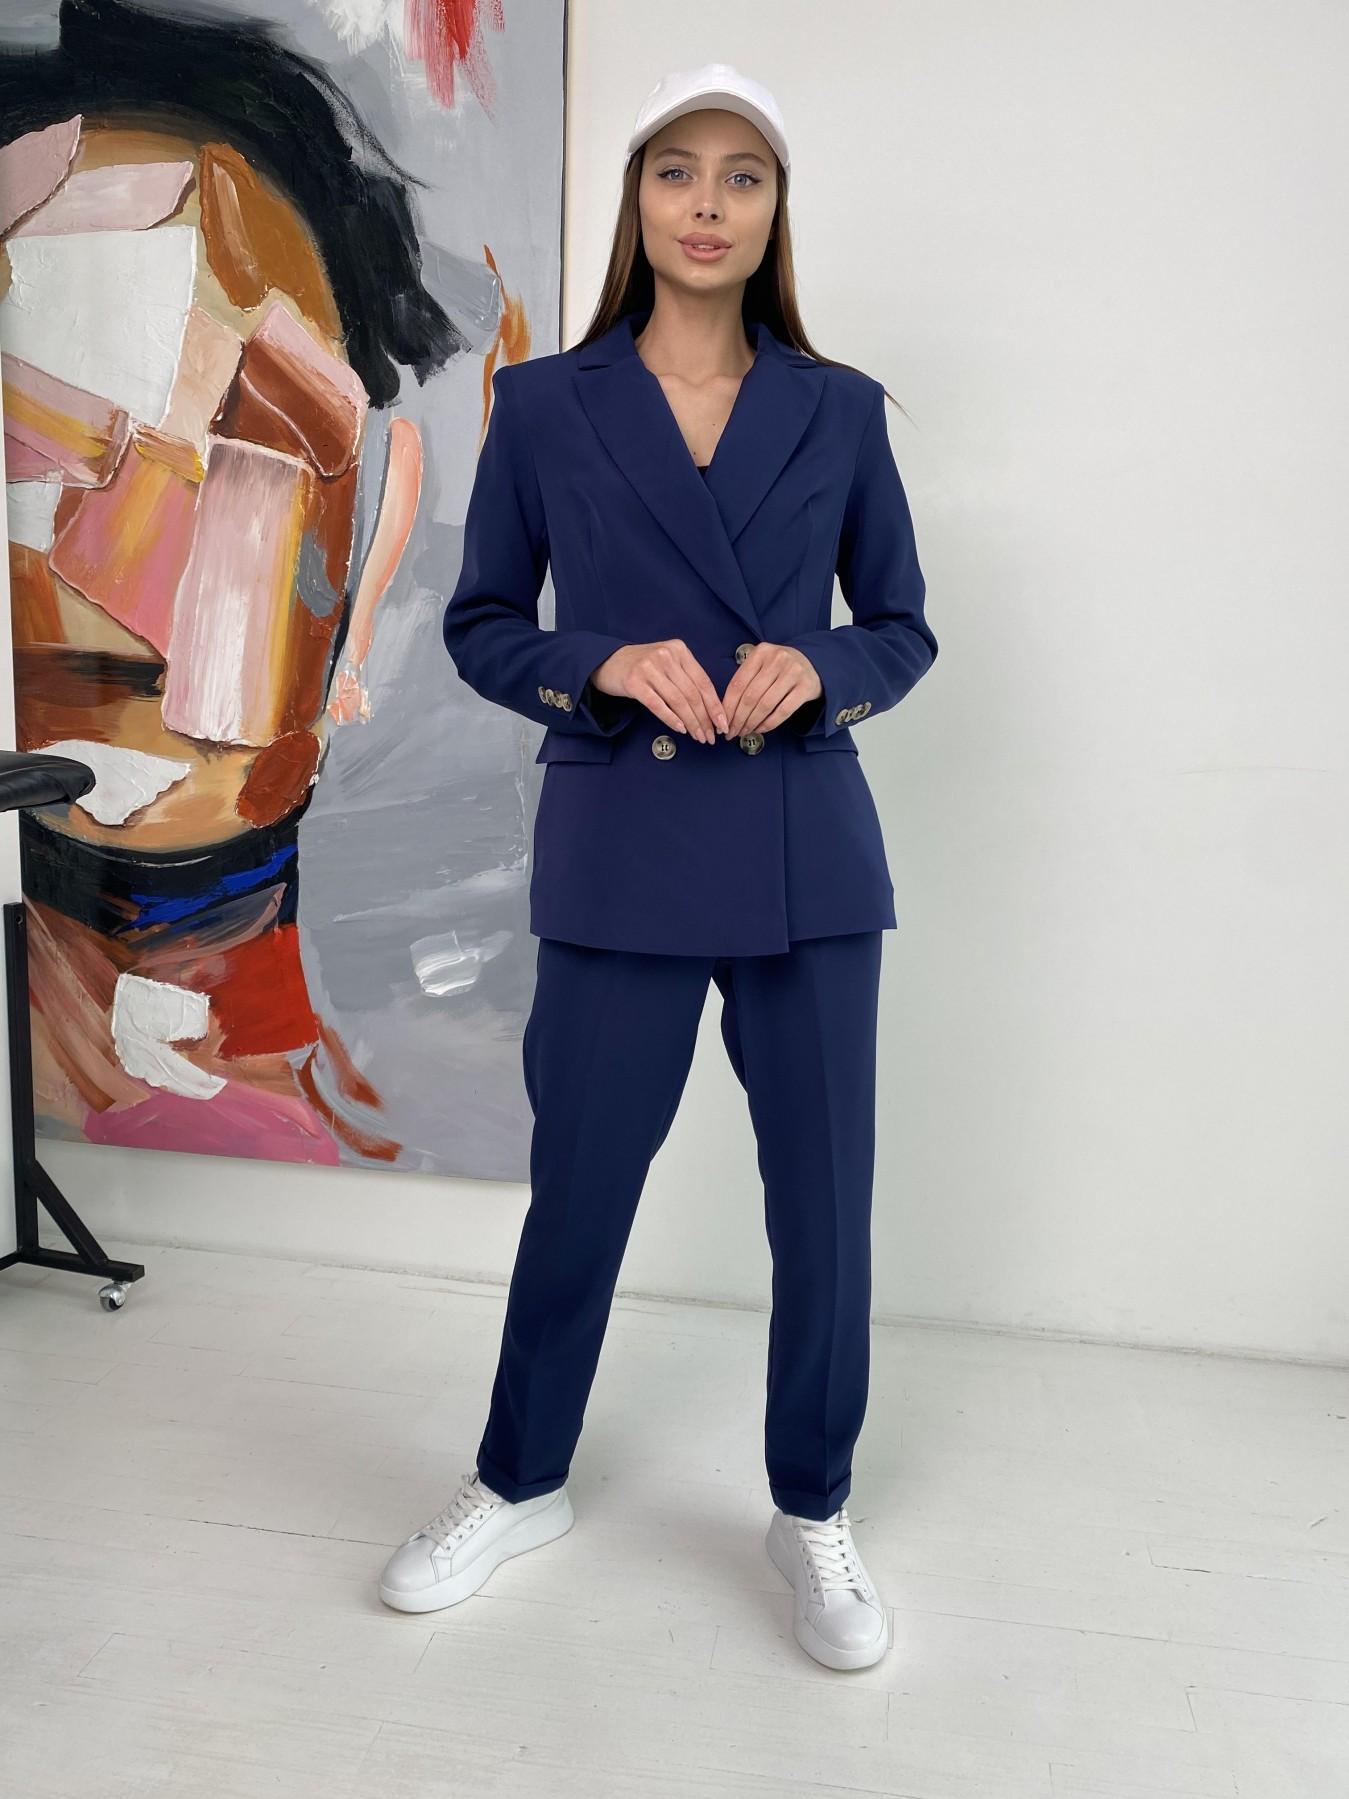 Франко костюм из костюмной ткани 11090 АРТ. 47972 Цвет: Т.синий - фото 4, интернет магазин tm-modus.ru